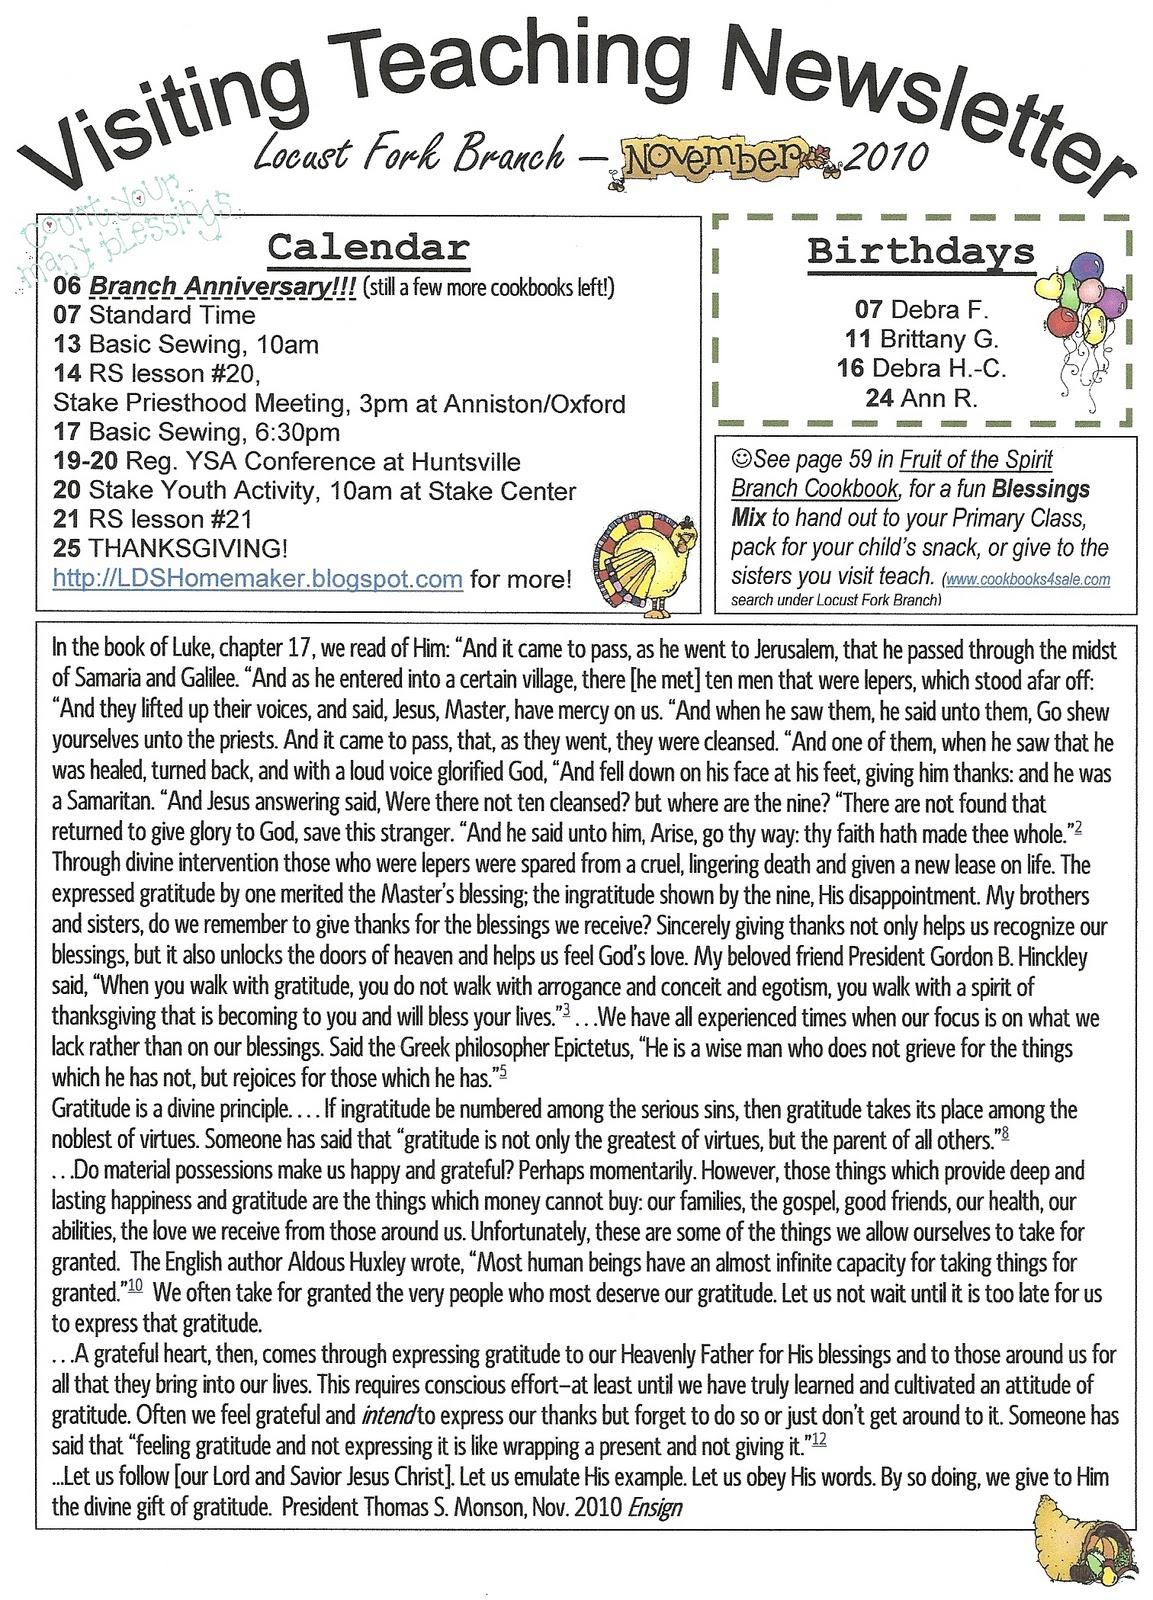 Fantastic Homemaker's Journal: Church Newsletter Ideas DT26